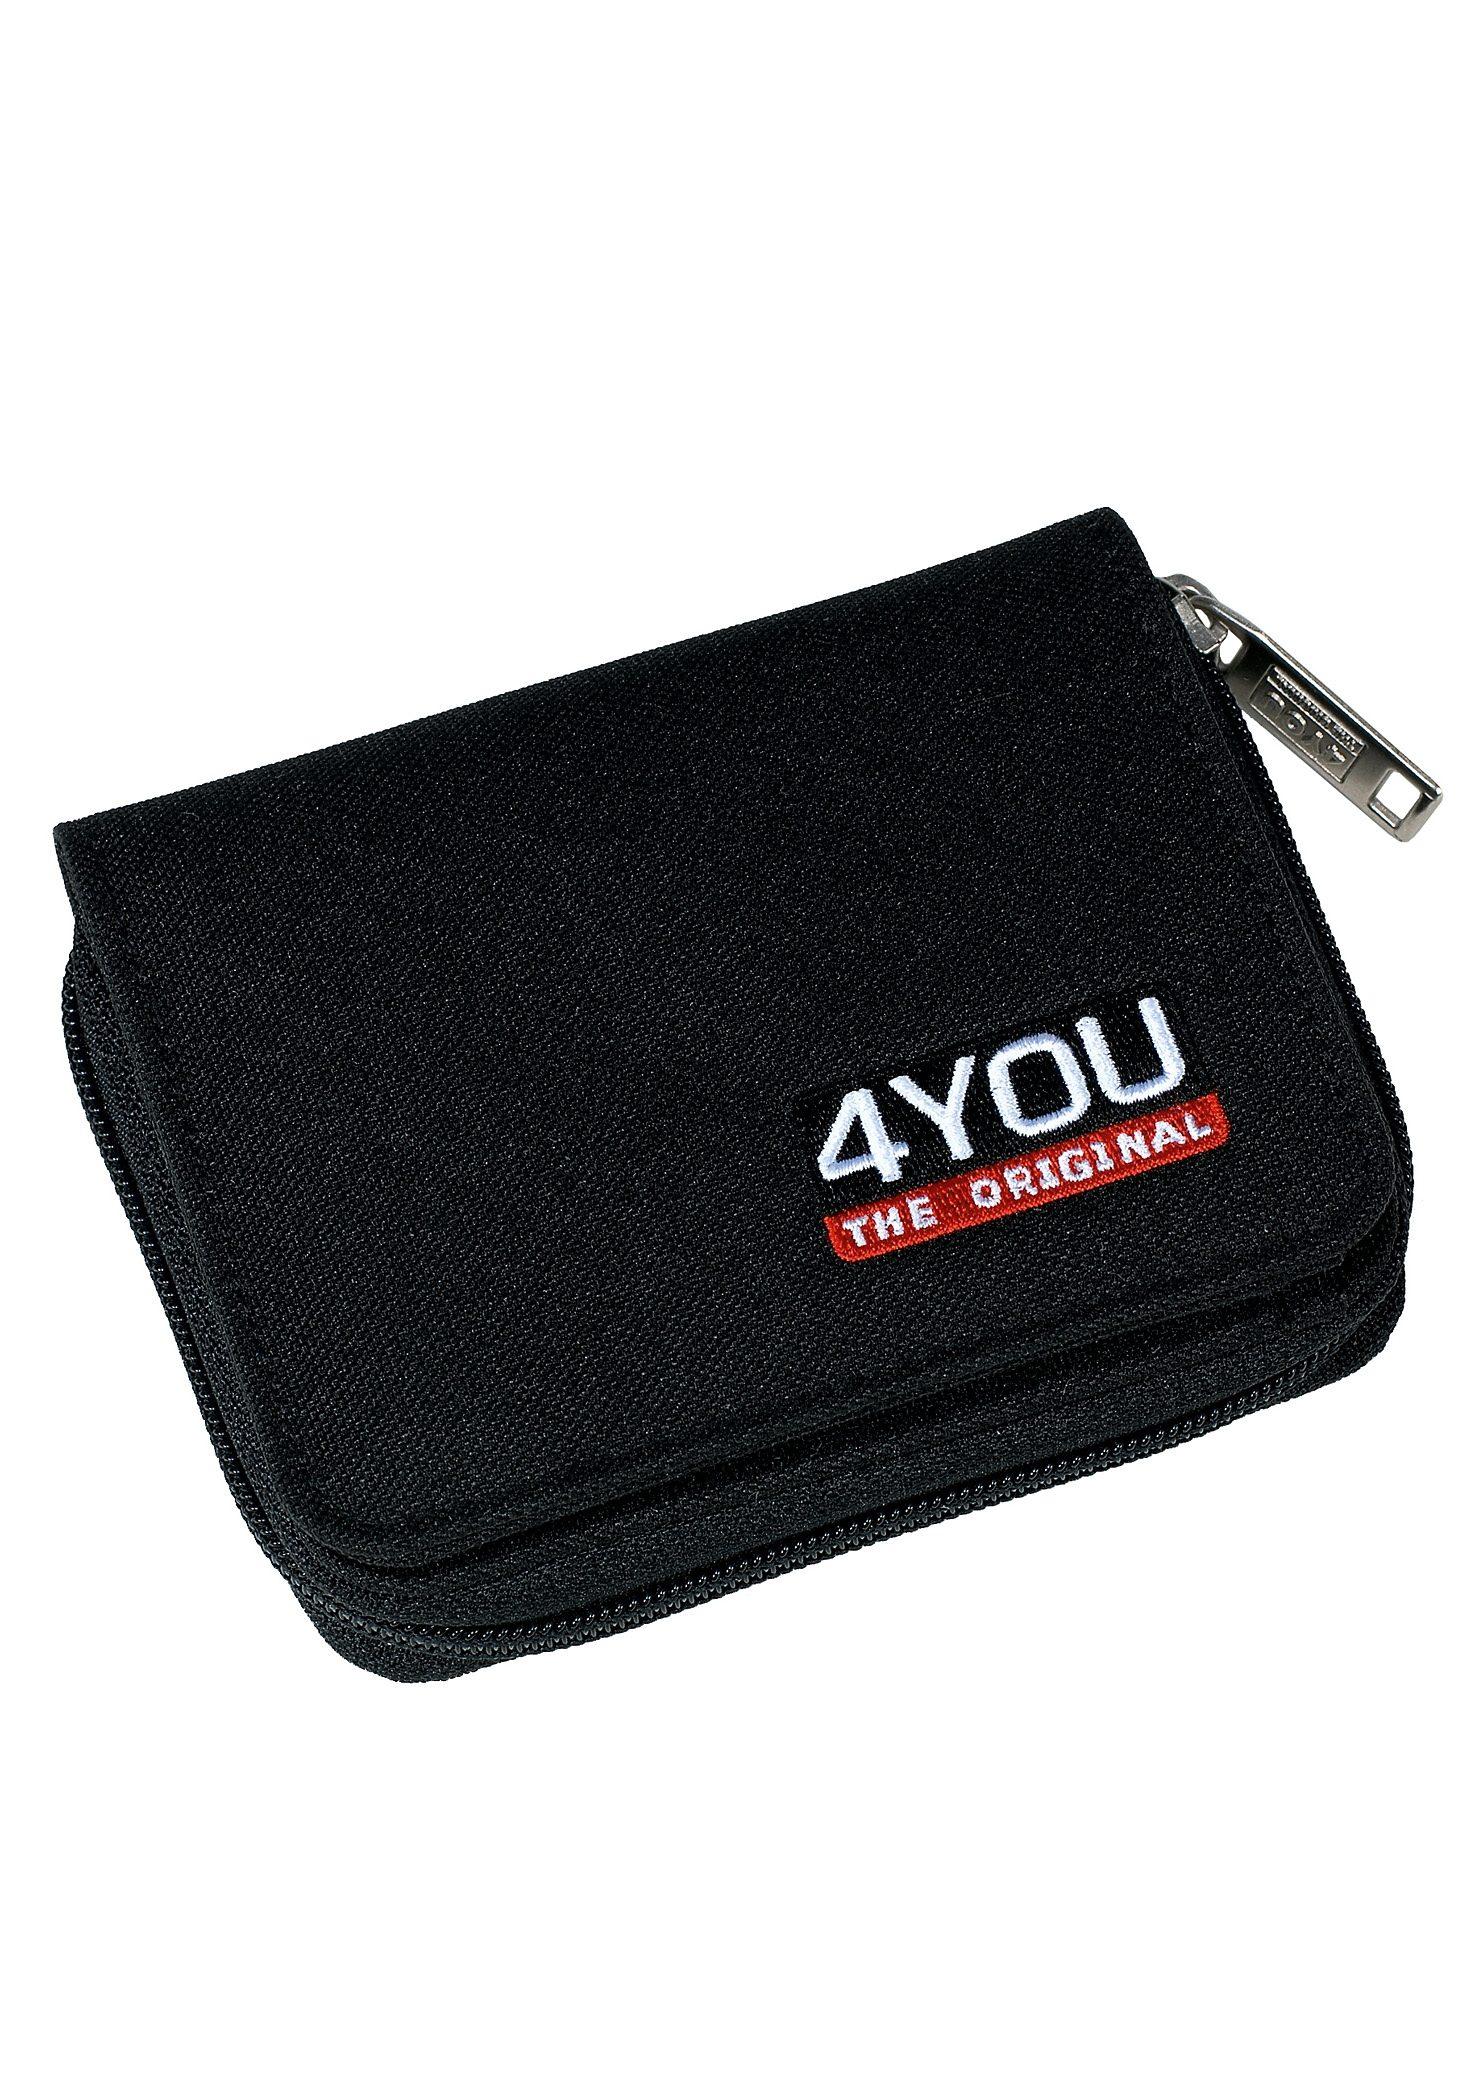 4YOU Geldbörse mit Reißverschluss, Black, »Zipper Wallet«